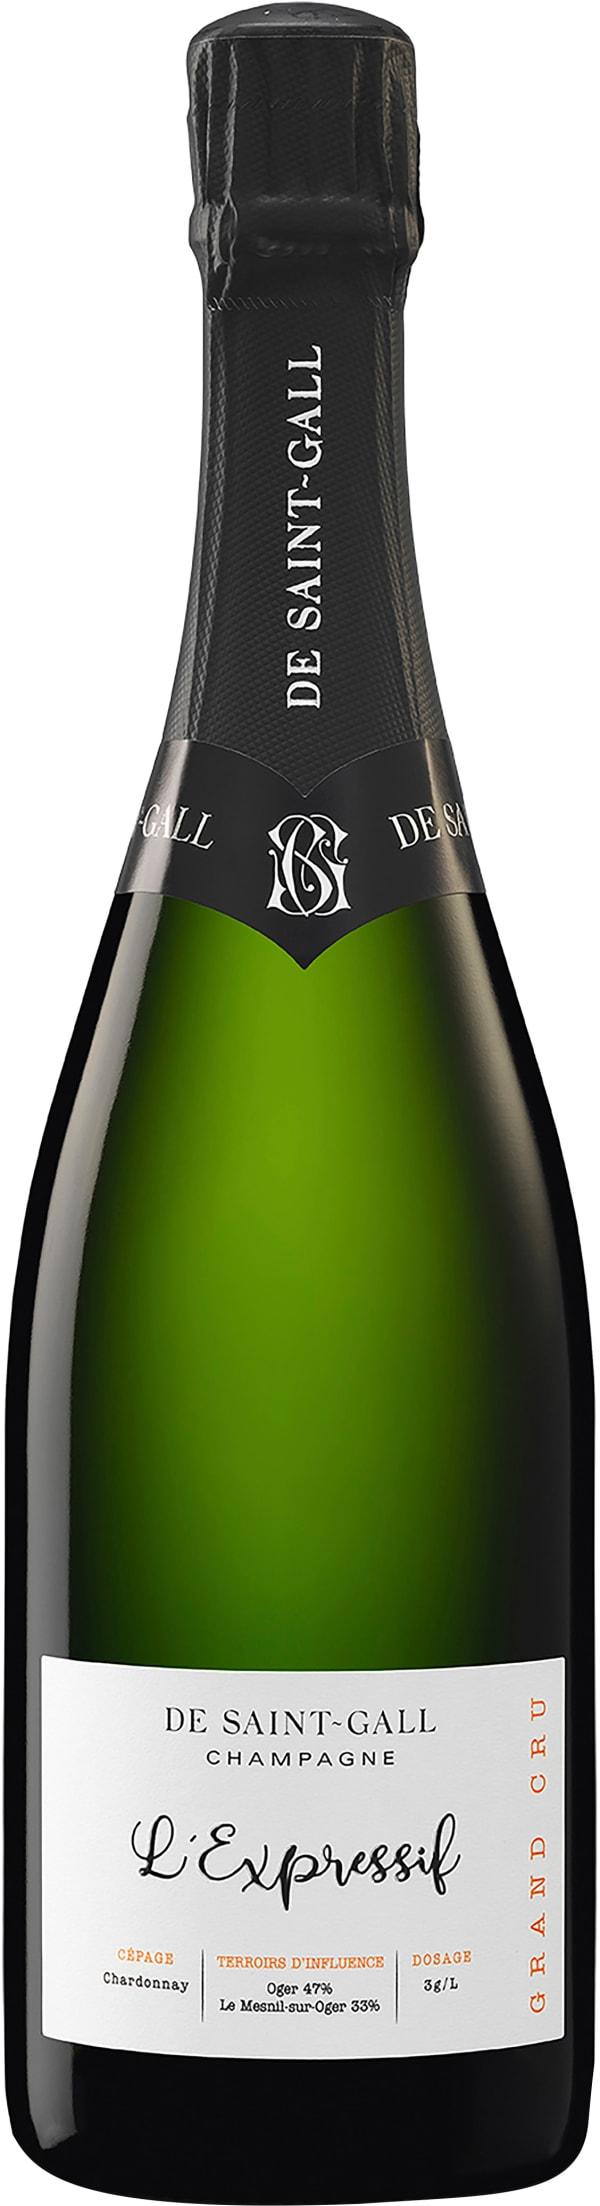 De Saint-Gall L'Expressif Grand Cru Champagne Extra Brut